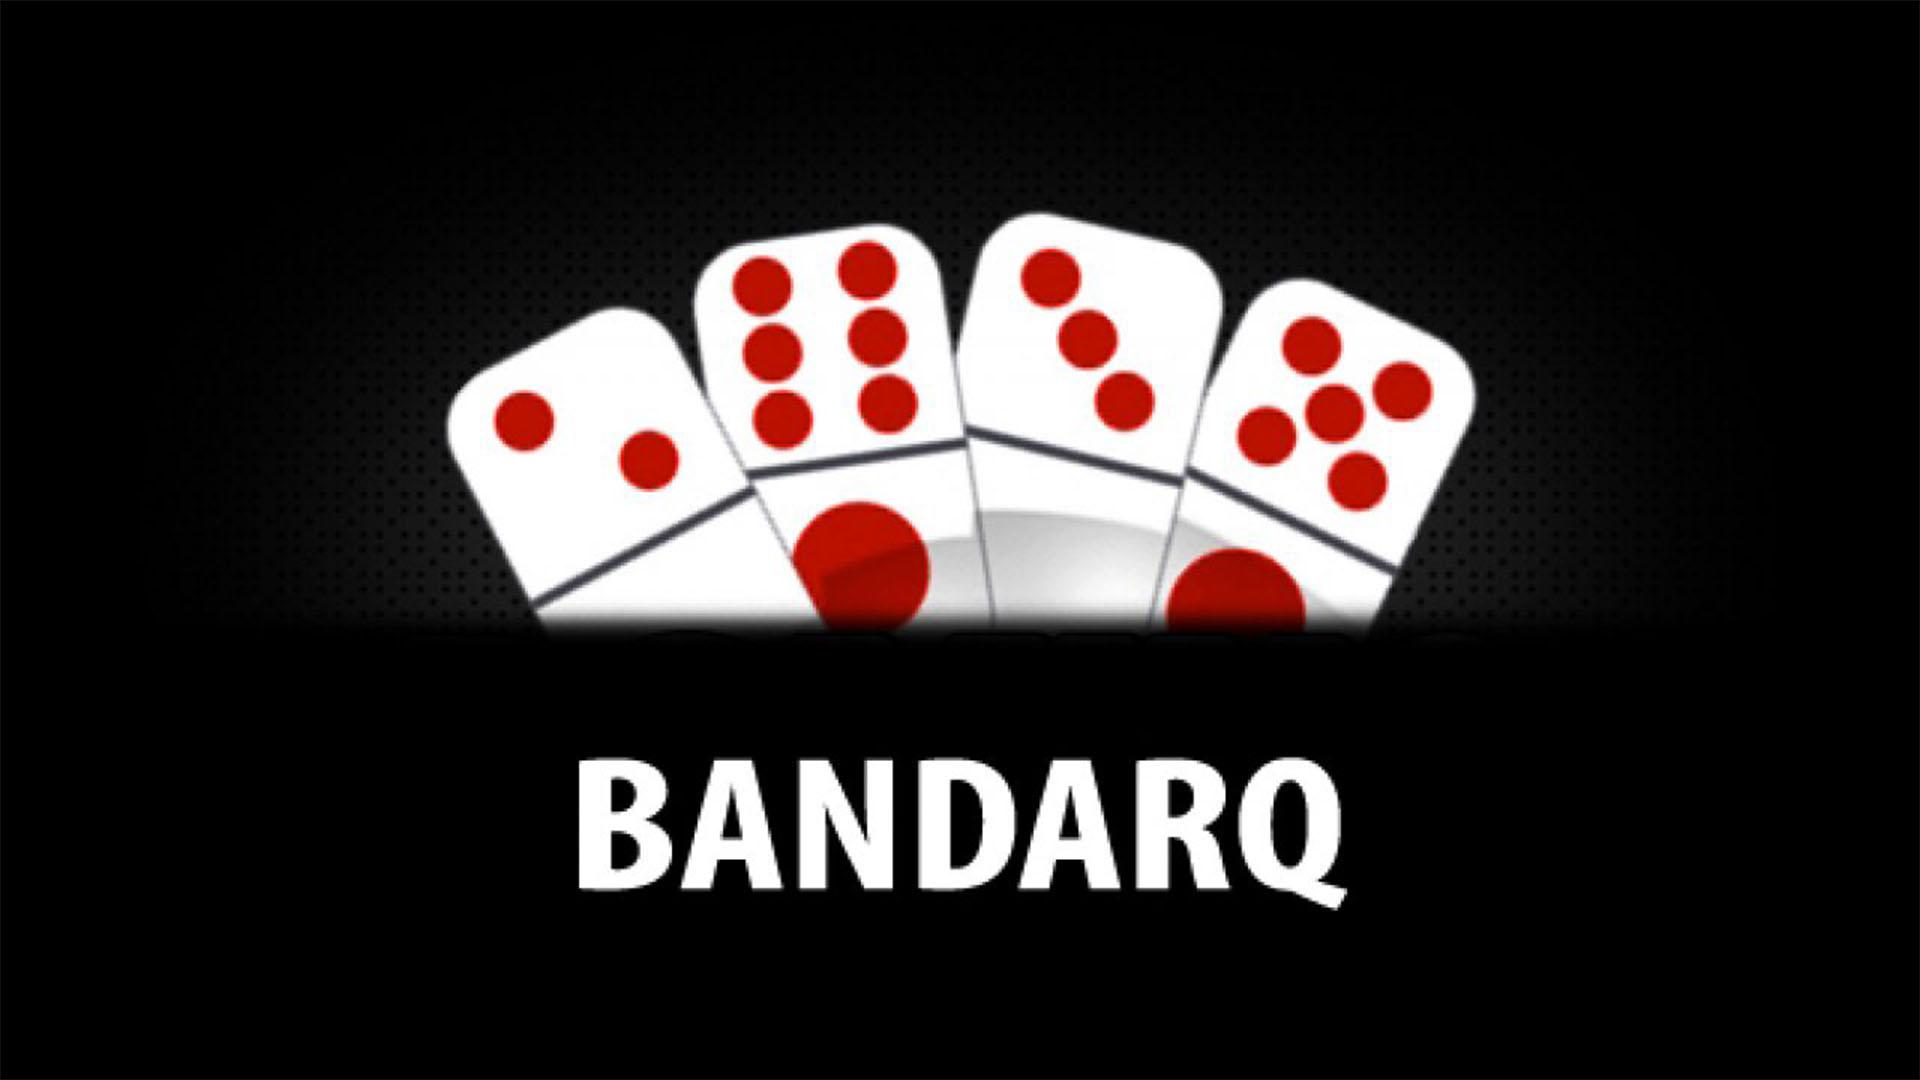 How to choose a decent bandarq platform? | Gogi Online Casino